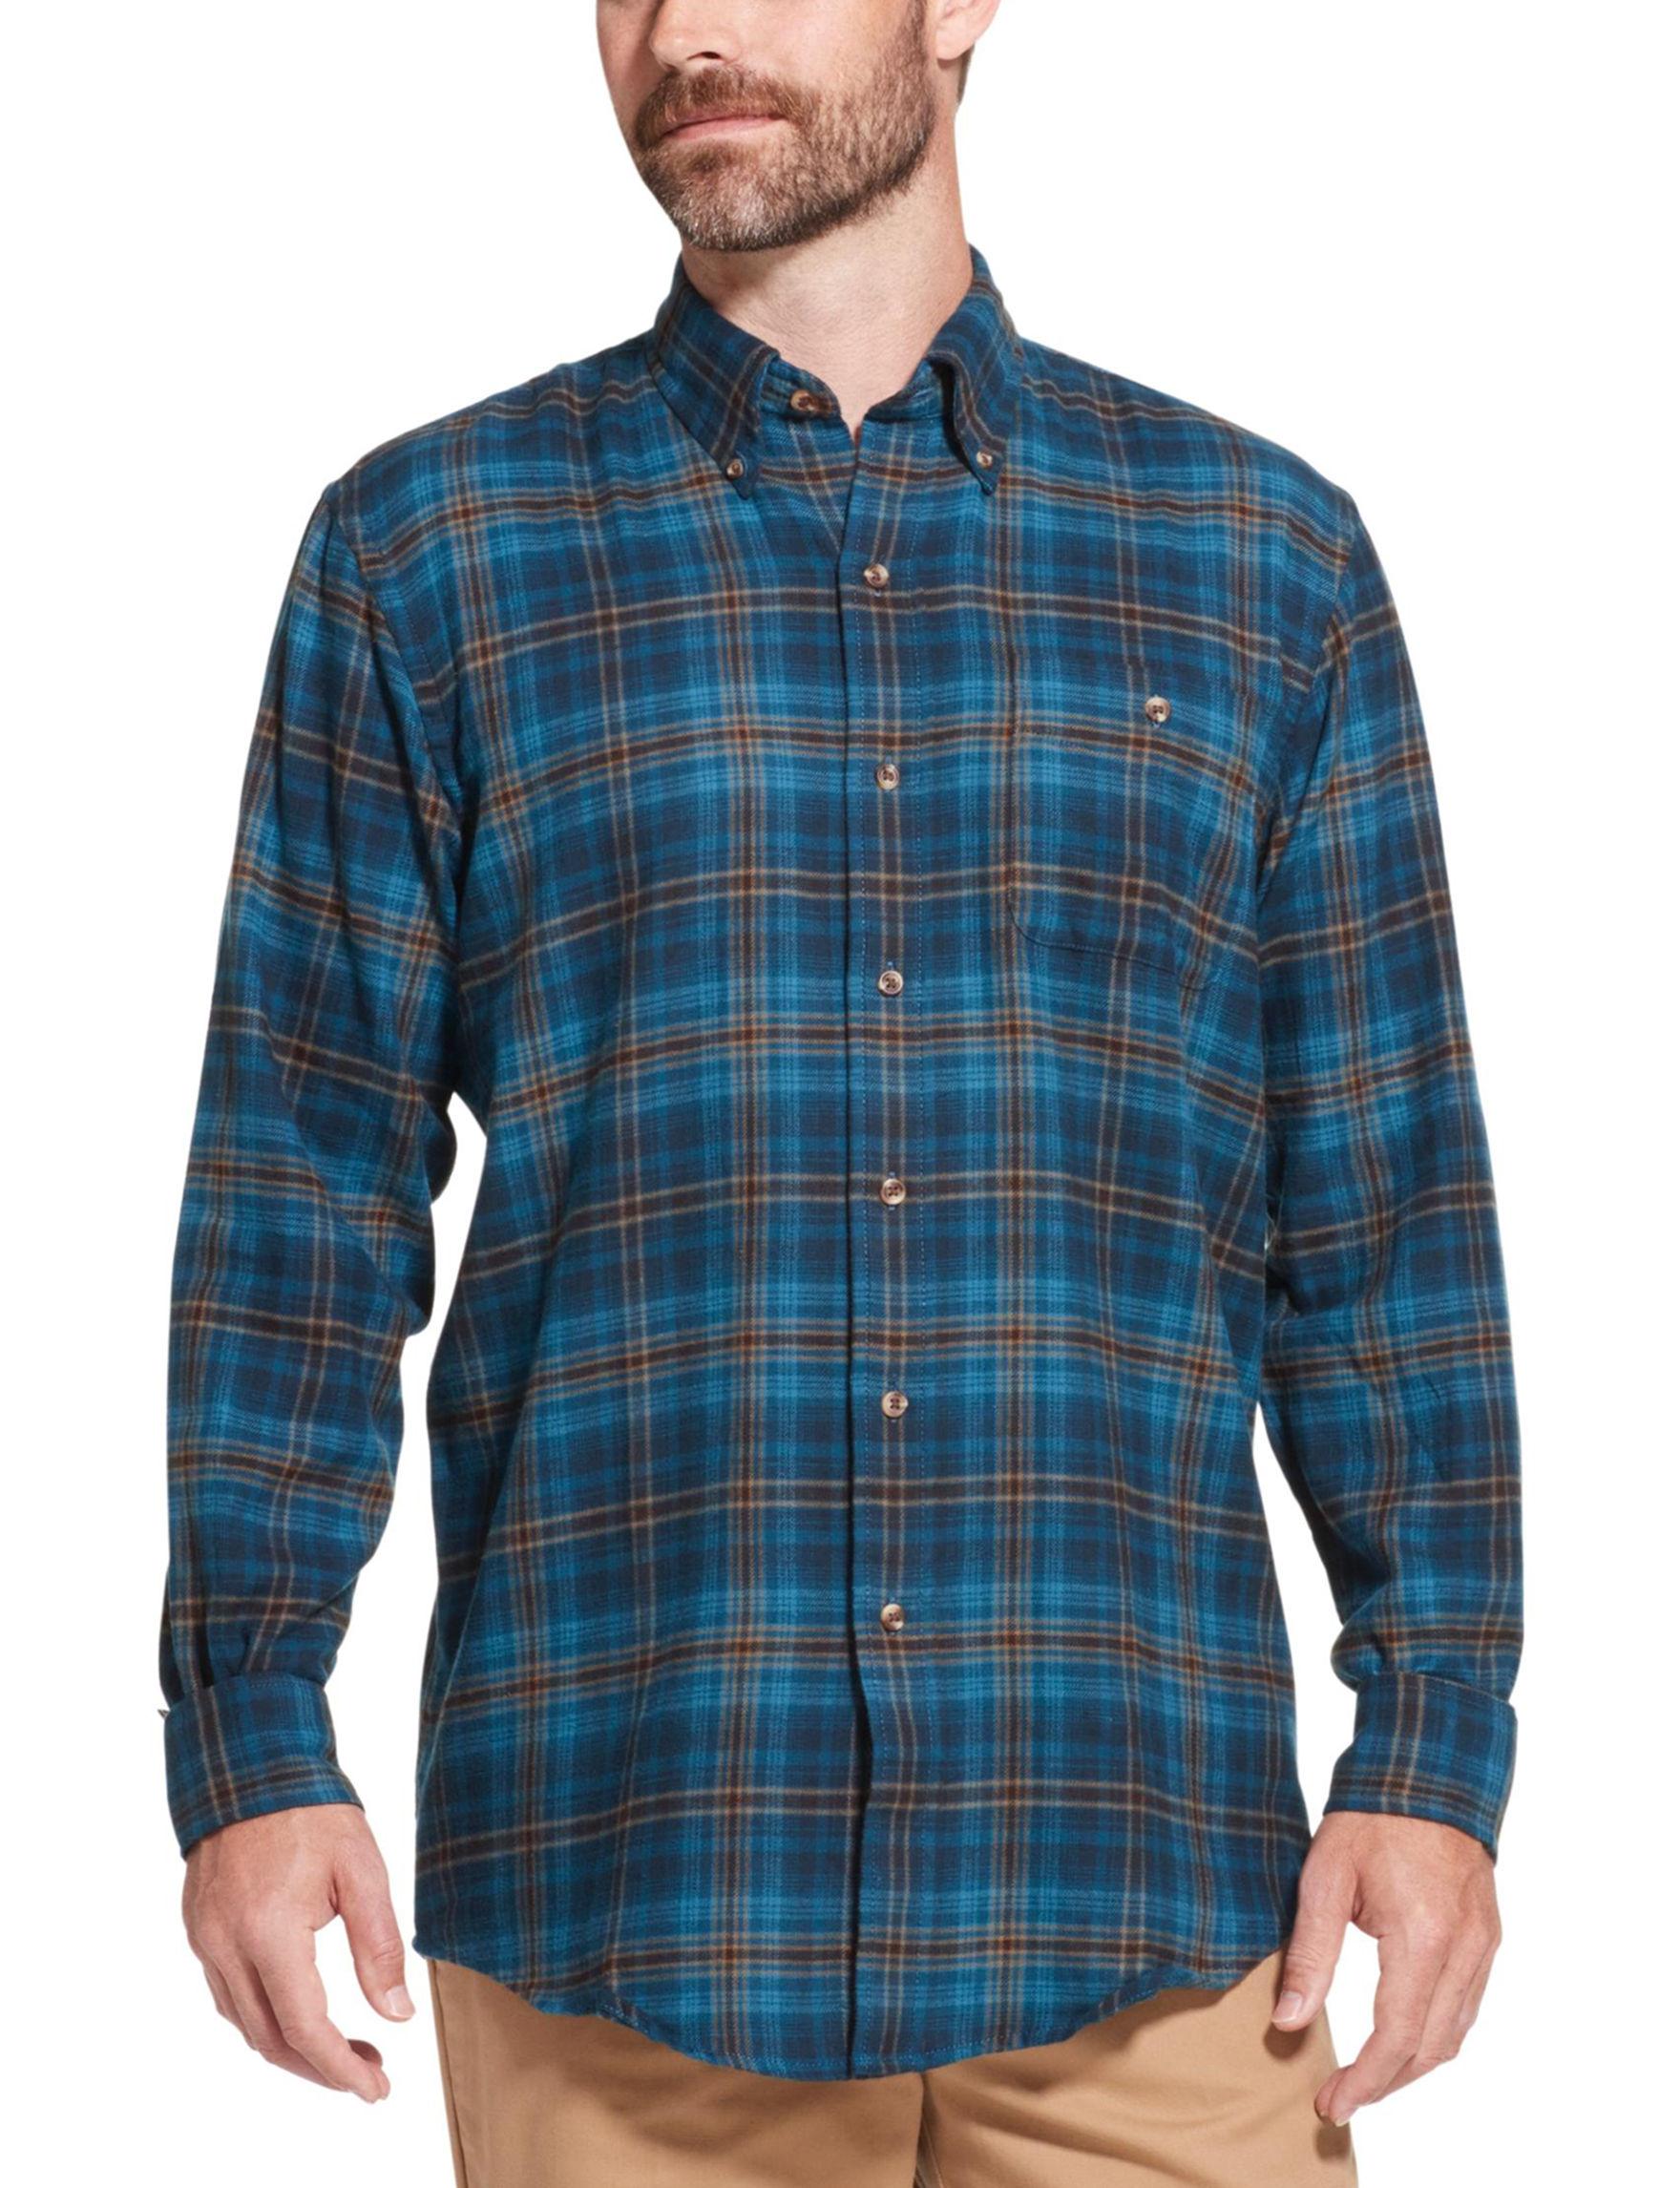 Arrow Blue Plaid Casual Button Down Shirts